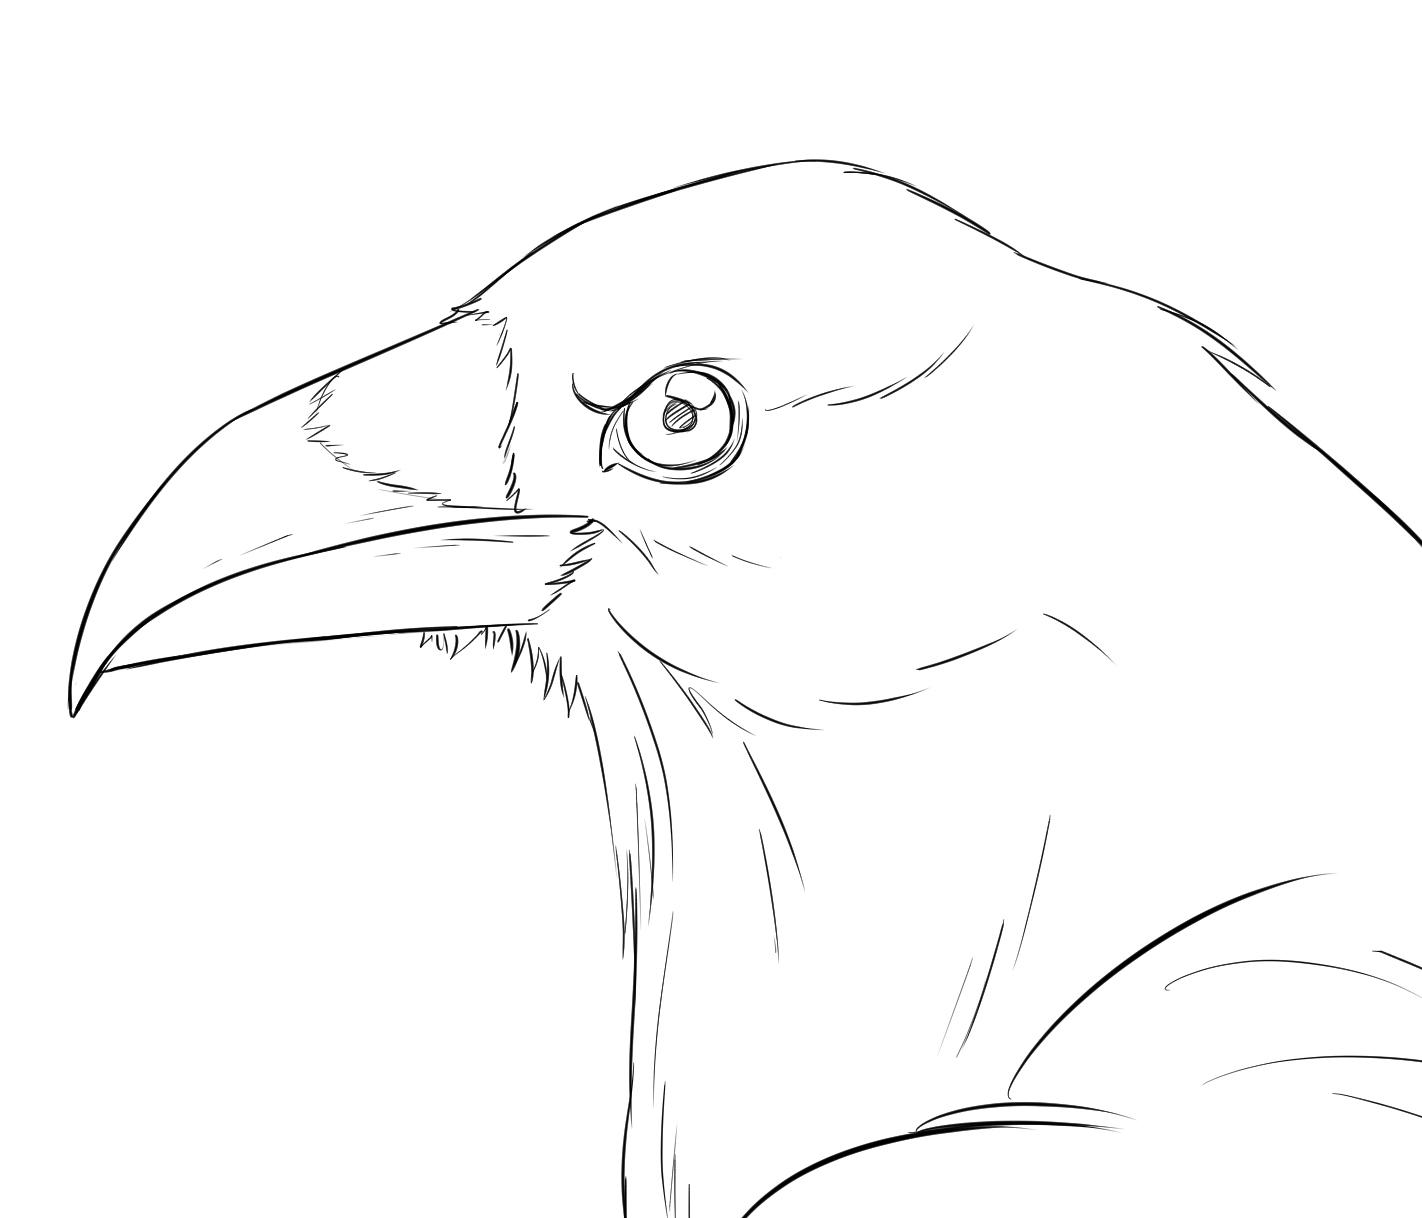 Comment Réaliser Un Dessin De Corbeau - Dessindigo intérieur Dessin D Oiseau Simple